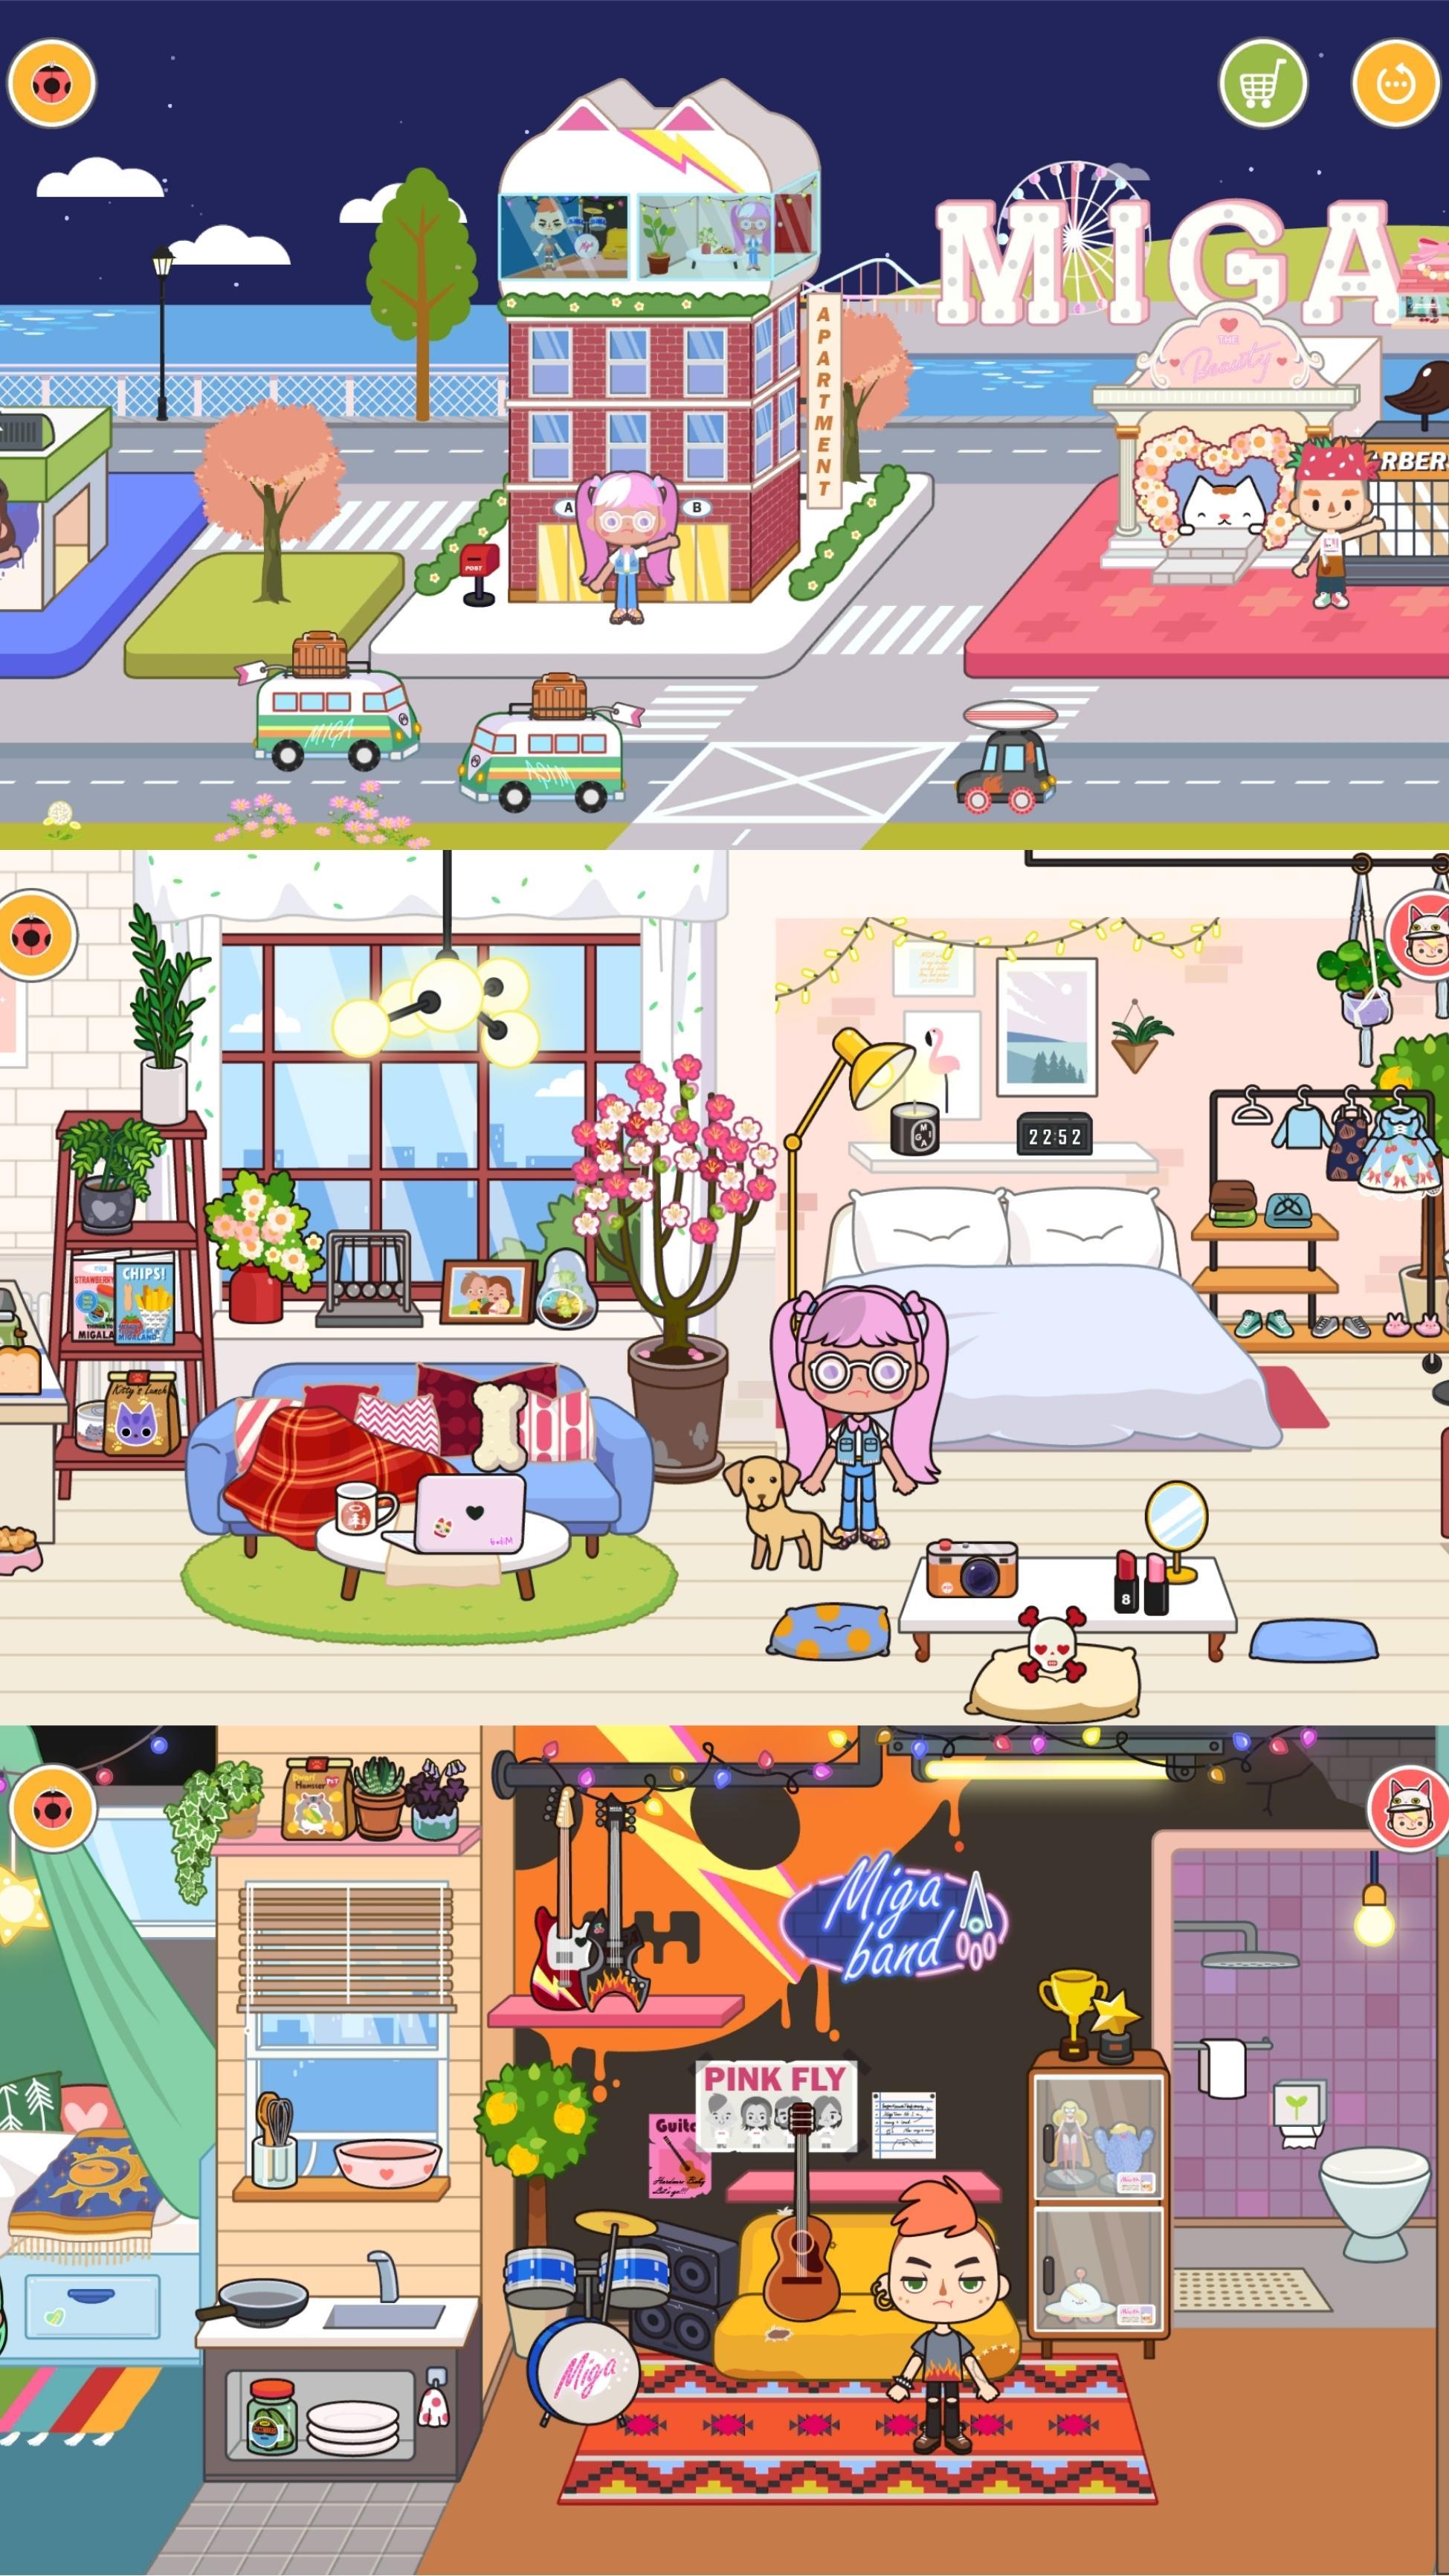 米加小镇:商店优化版截图1